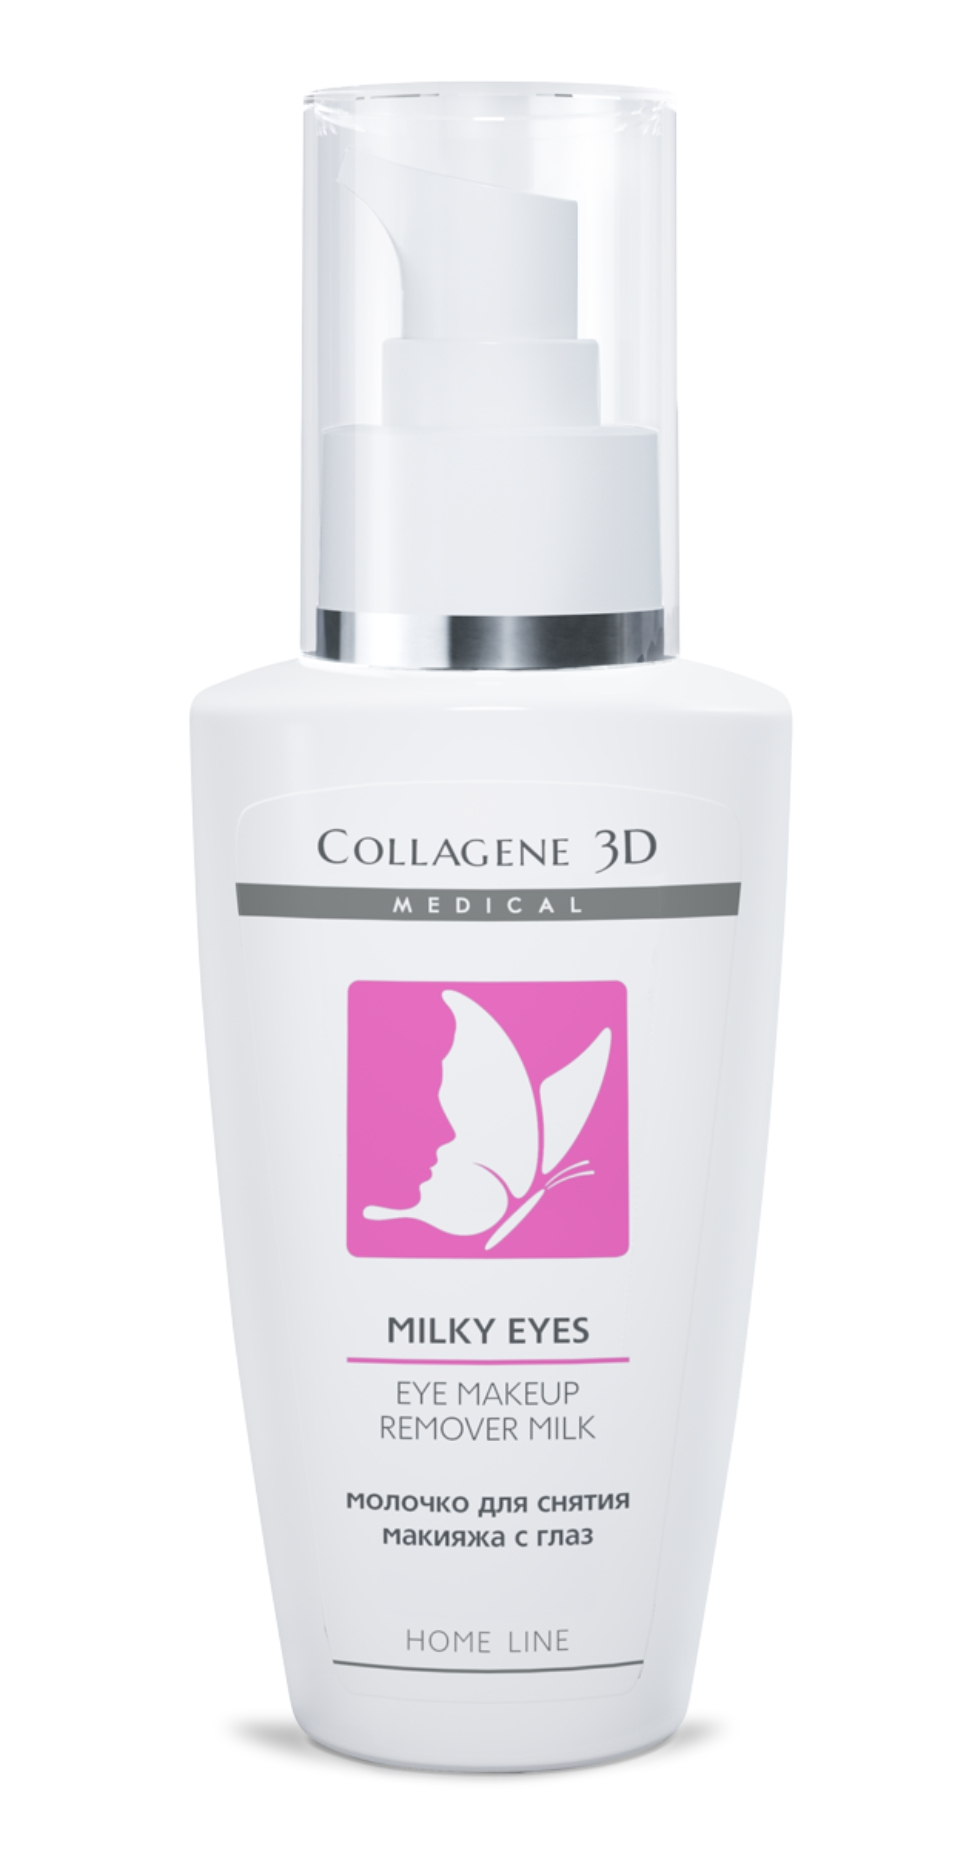 MEDICAL COLLAGENE 3D Молочко очищающее для глаз Milky Eyes 125млМолочко<br>Деликатно снимает макияж с ресниц и чувствительной кожи вокруг глаз. Увлажняющая текстура, насыщенная коллагеном, восстанавливает баланс и эластичность нежной кожи век. Может применяться при ношении контактных линз. Активные ингредиенты: неионогенные ПАВ, увлажняющие и смягчающие компоненты. Способ применения: нанести молочко на влажный диск и мягкими движениями снять макияж. После демакияжа остатки молочка смыть теплой водой.<br><br>Объем: 125<br>Типы кожи: Чувствительная